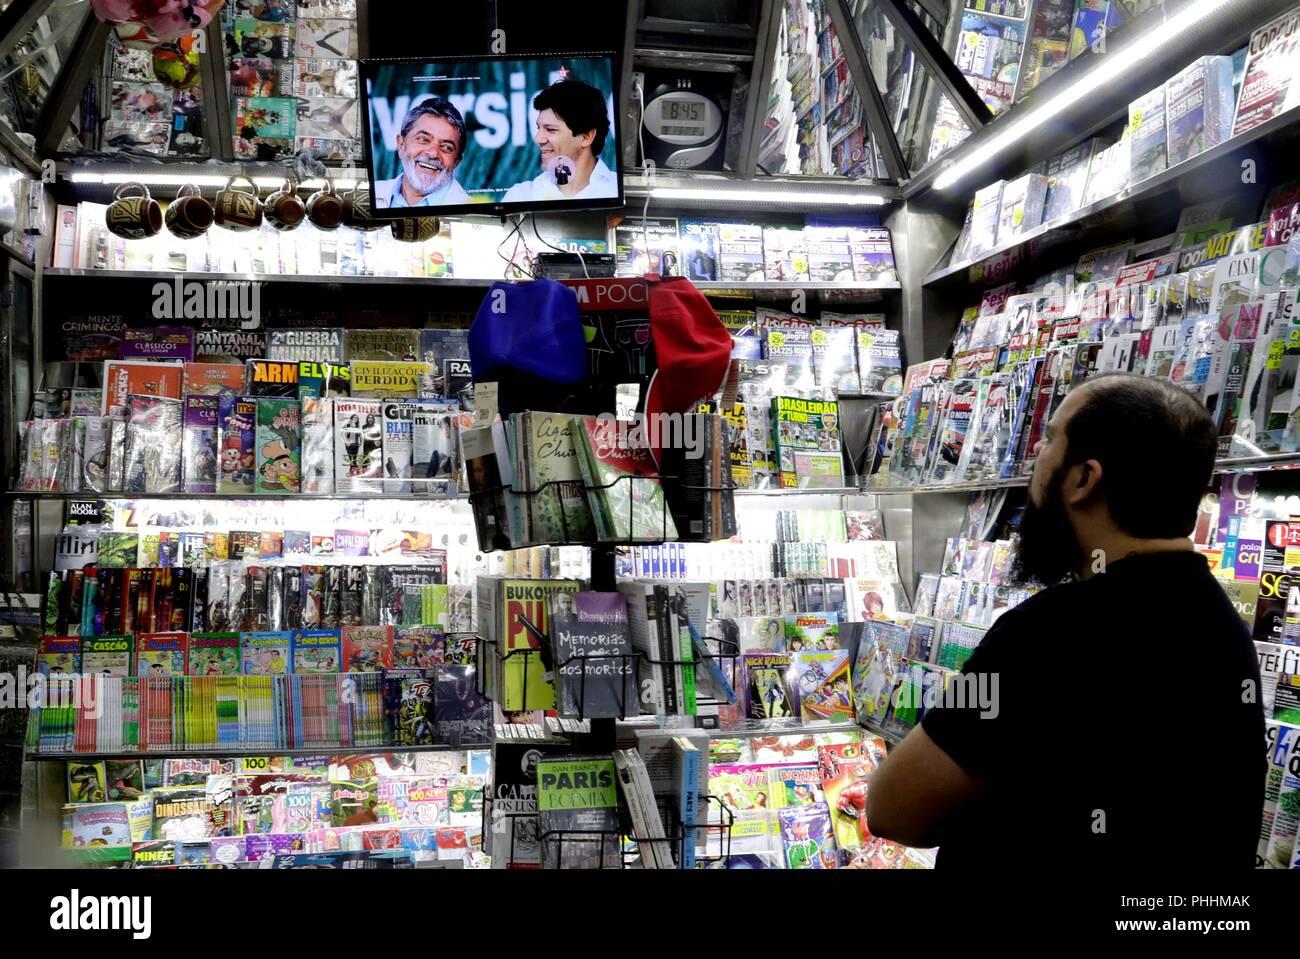 Sao Paulo, Brazil. 02nd Sep, 2018. SAO03. SAO PAULO (BRASIL). 2/09/18.- Un hombre mira un televisor en un negocio, en Sao Paulo (Brasil) hoy, sábado 1 de septiembre de 2018. El veto judicial a la candidatura del expresidente Luiz Inácio Lula da Silva, preso por corrupción, dio un nuevo vuelco a la carrera electoral de Brasil, que hoy llegó a la televisión con los programas de los principales abanderados presidenciales. Credit: Fernando Bizerra Jr./EFE/Alamy Live News - Stock Image